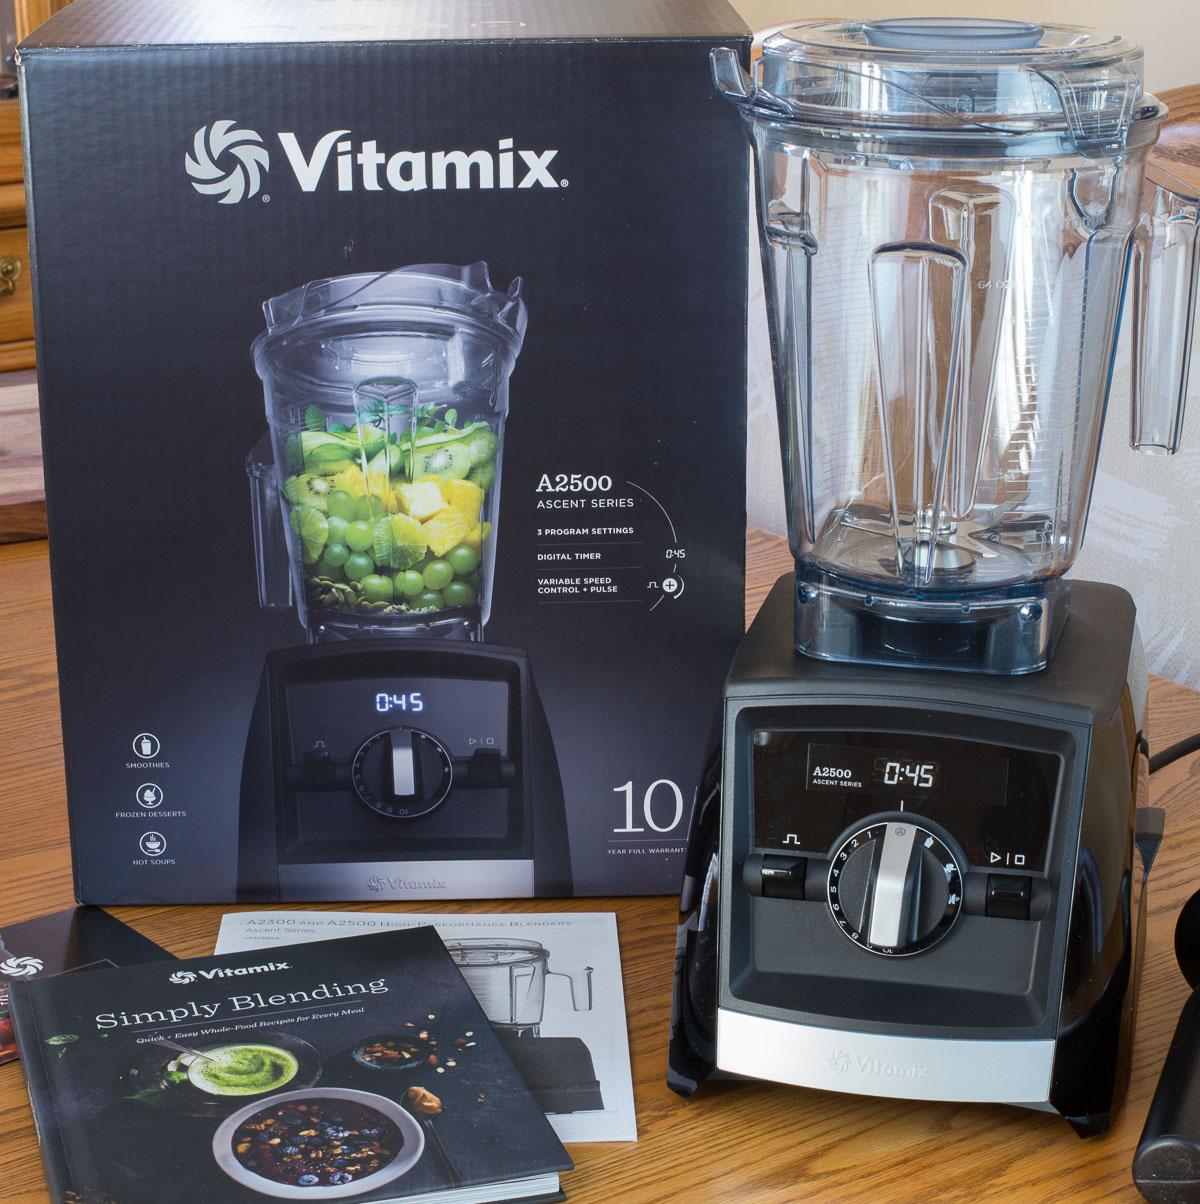 Vitamix Ascent Series 2500